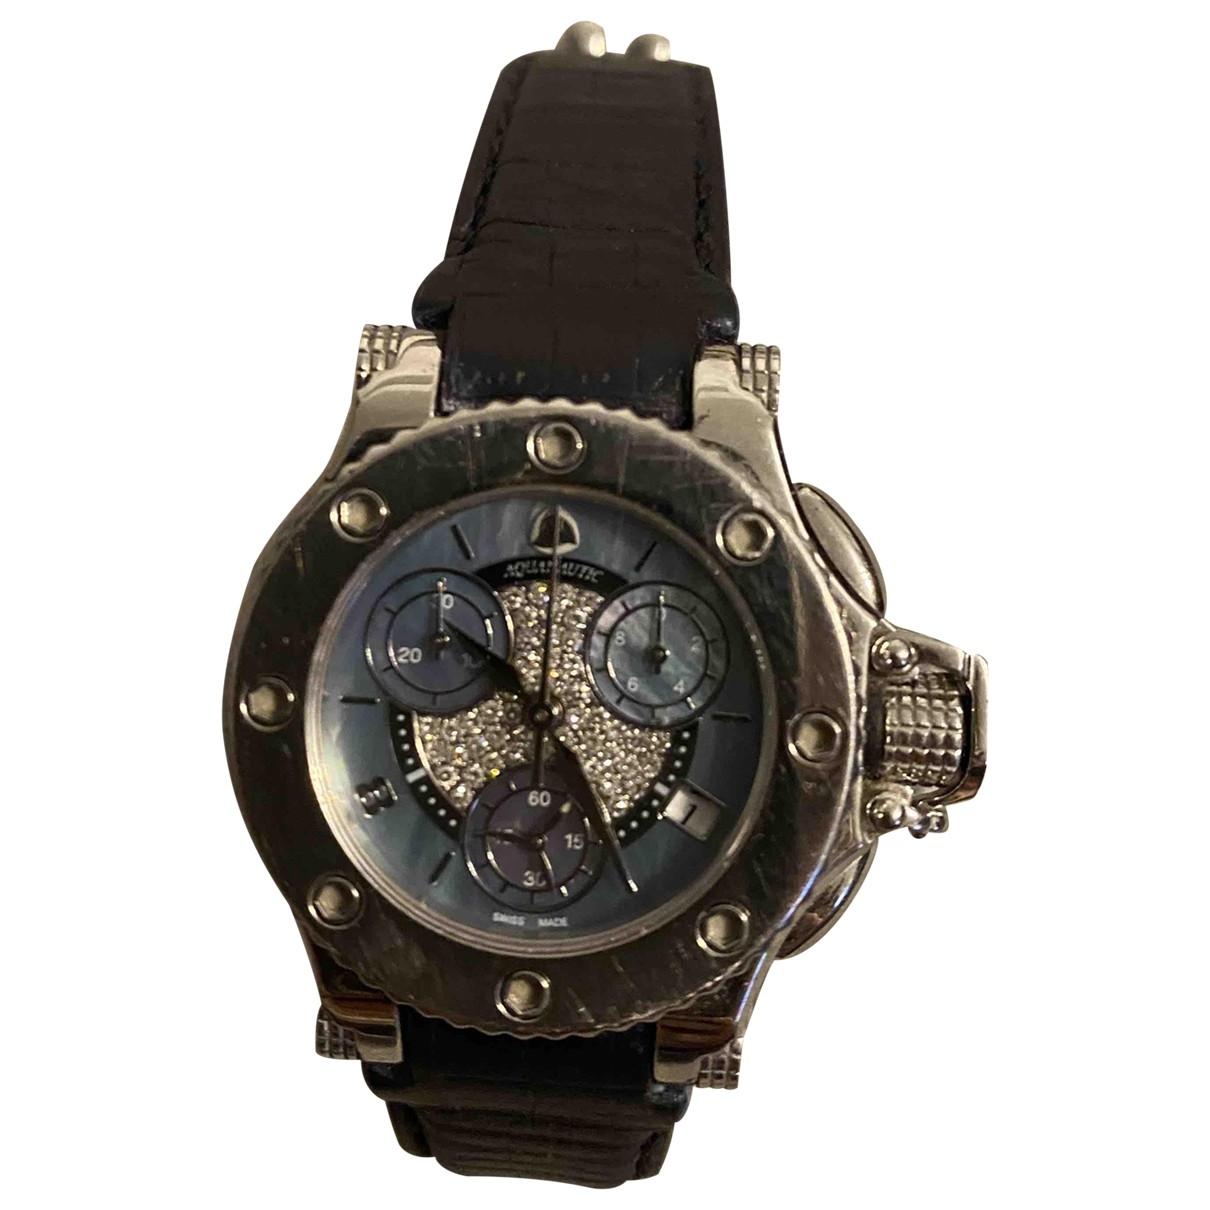 Reloj Aquanautic King Cuda